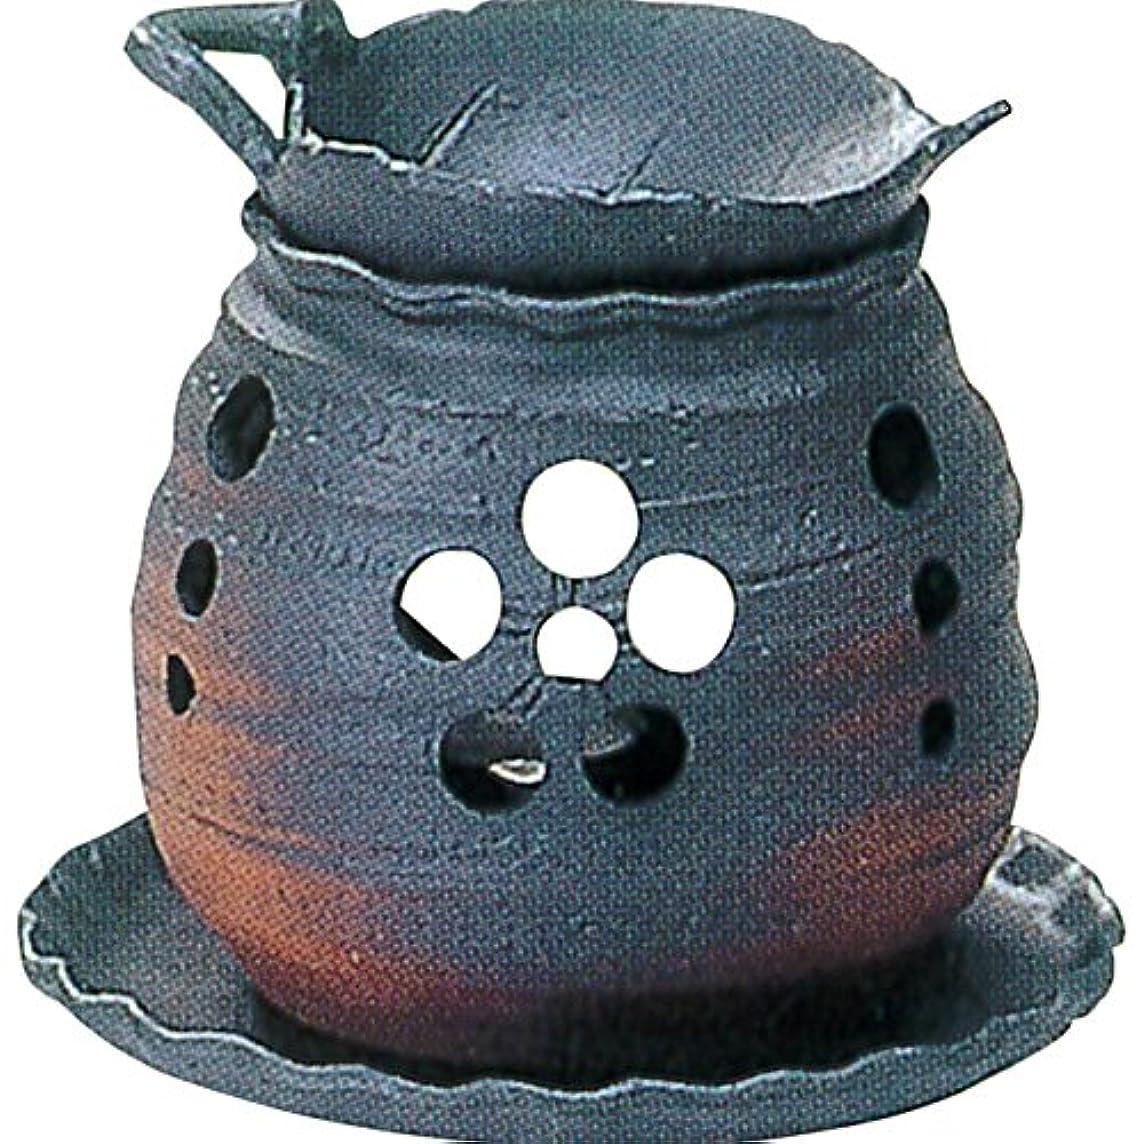 以内にプレビュー描く常滑焼 ゆとり 茶香炉?カ39-05